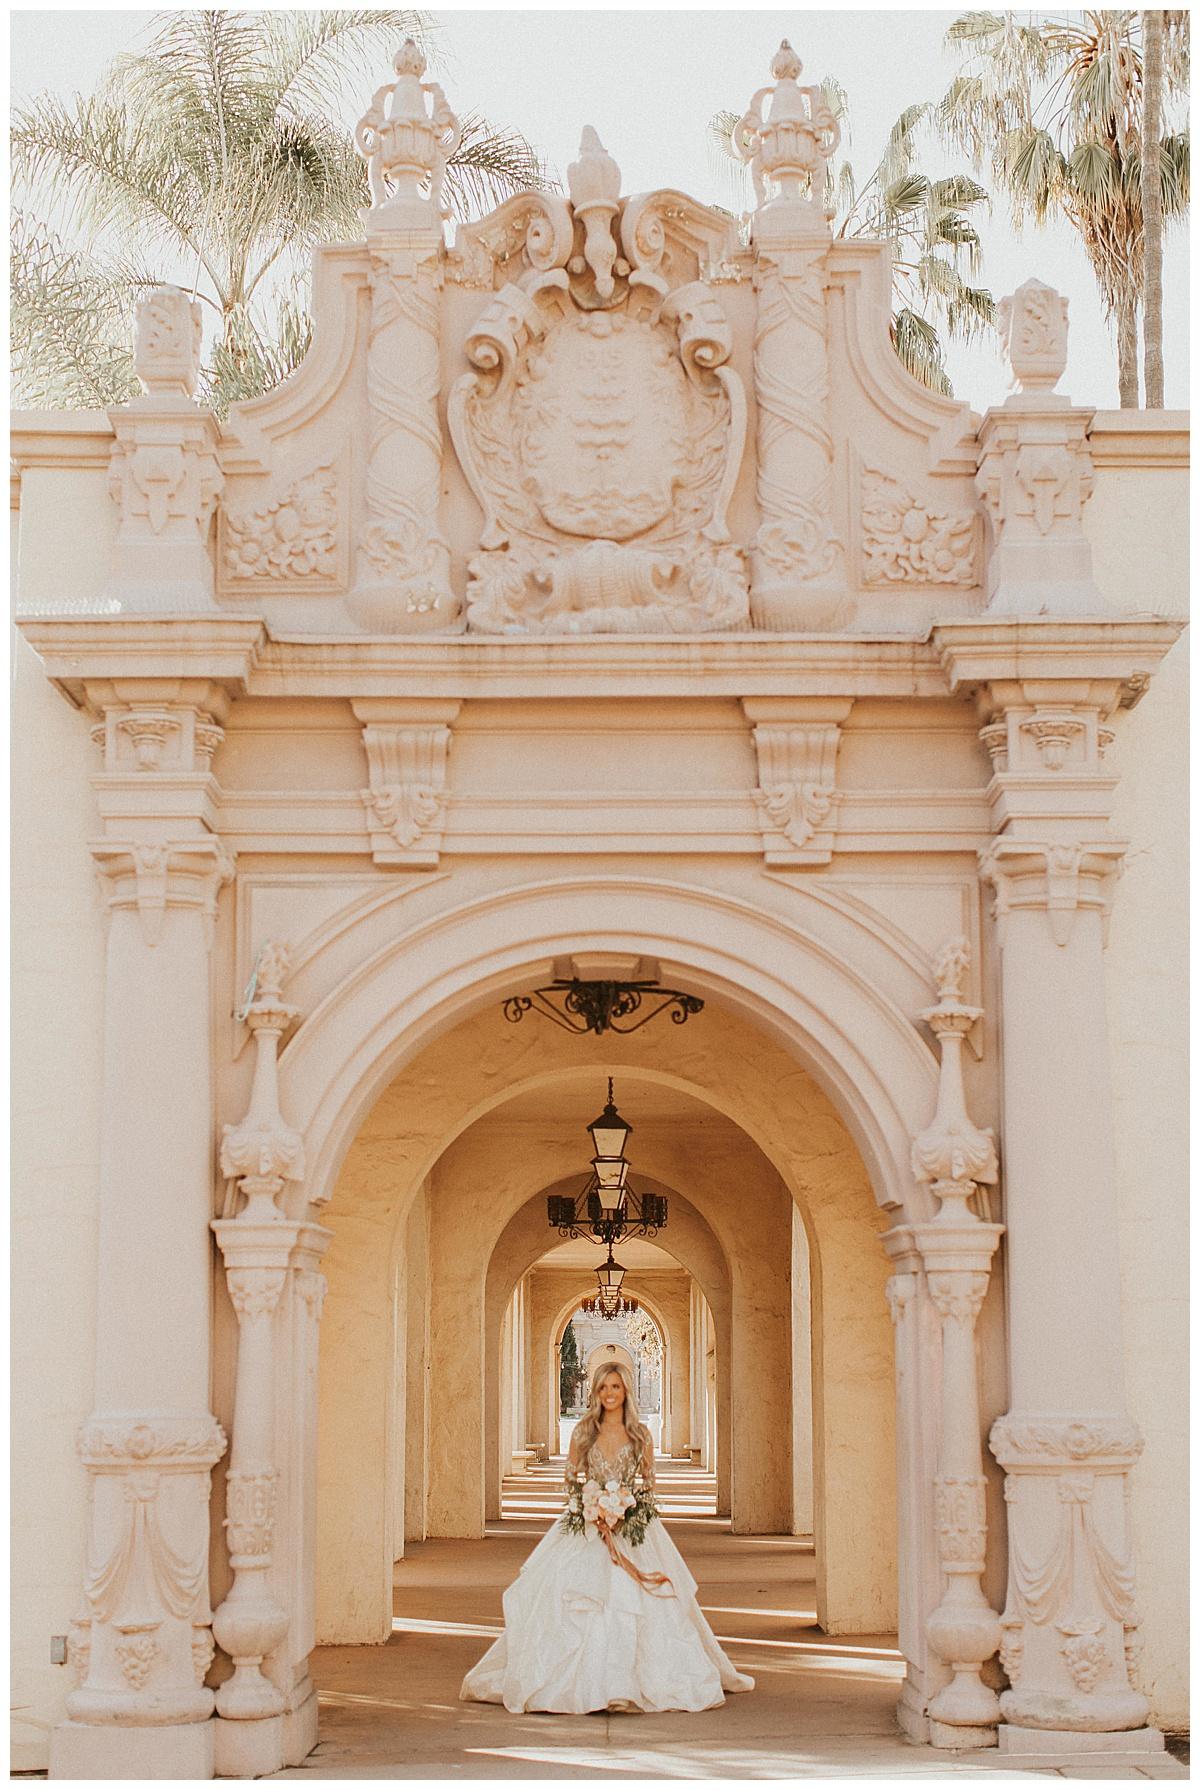 Bixby+Pine-Sarah-Anne-Photography-Balboa-Park-San-Diego-Californai_0008.jpg